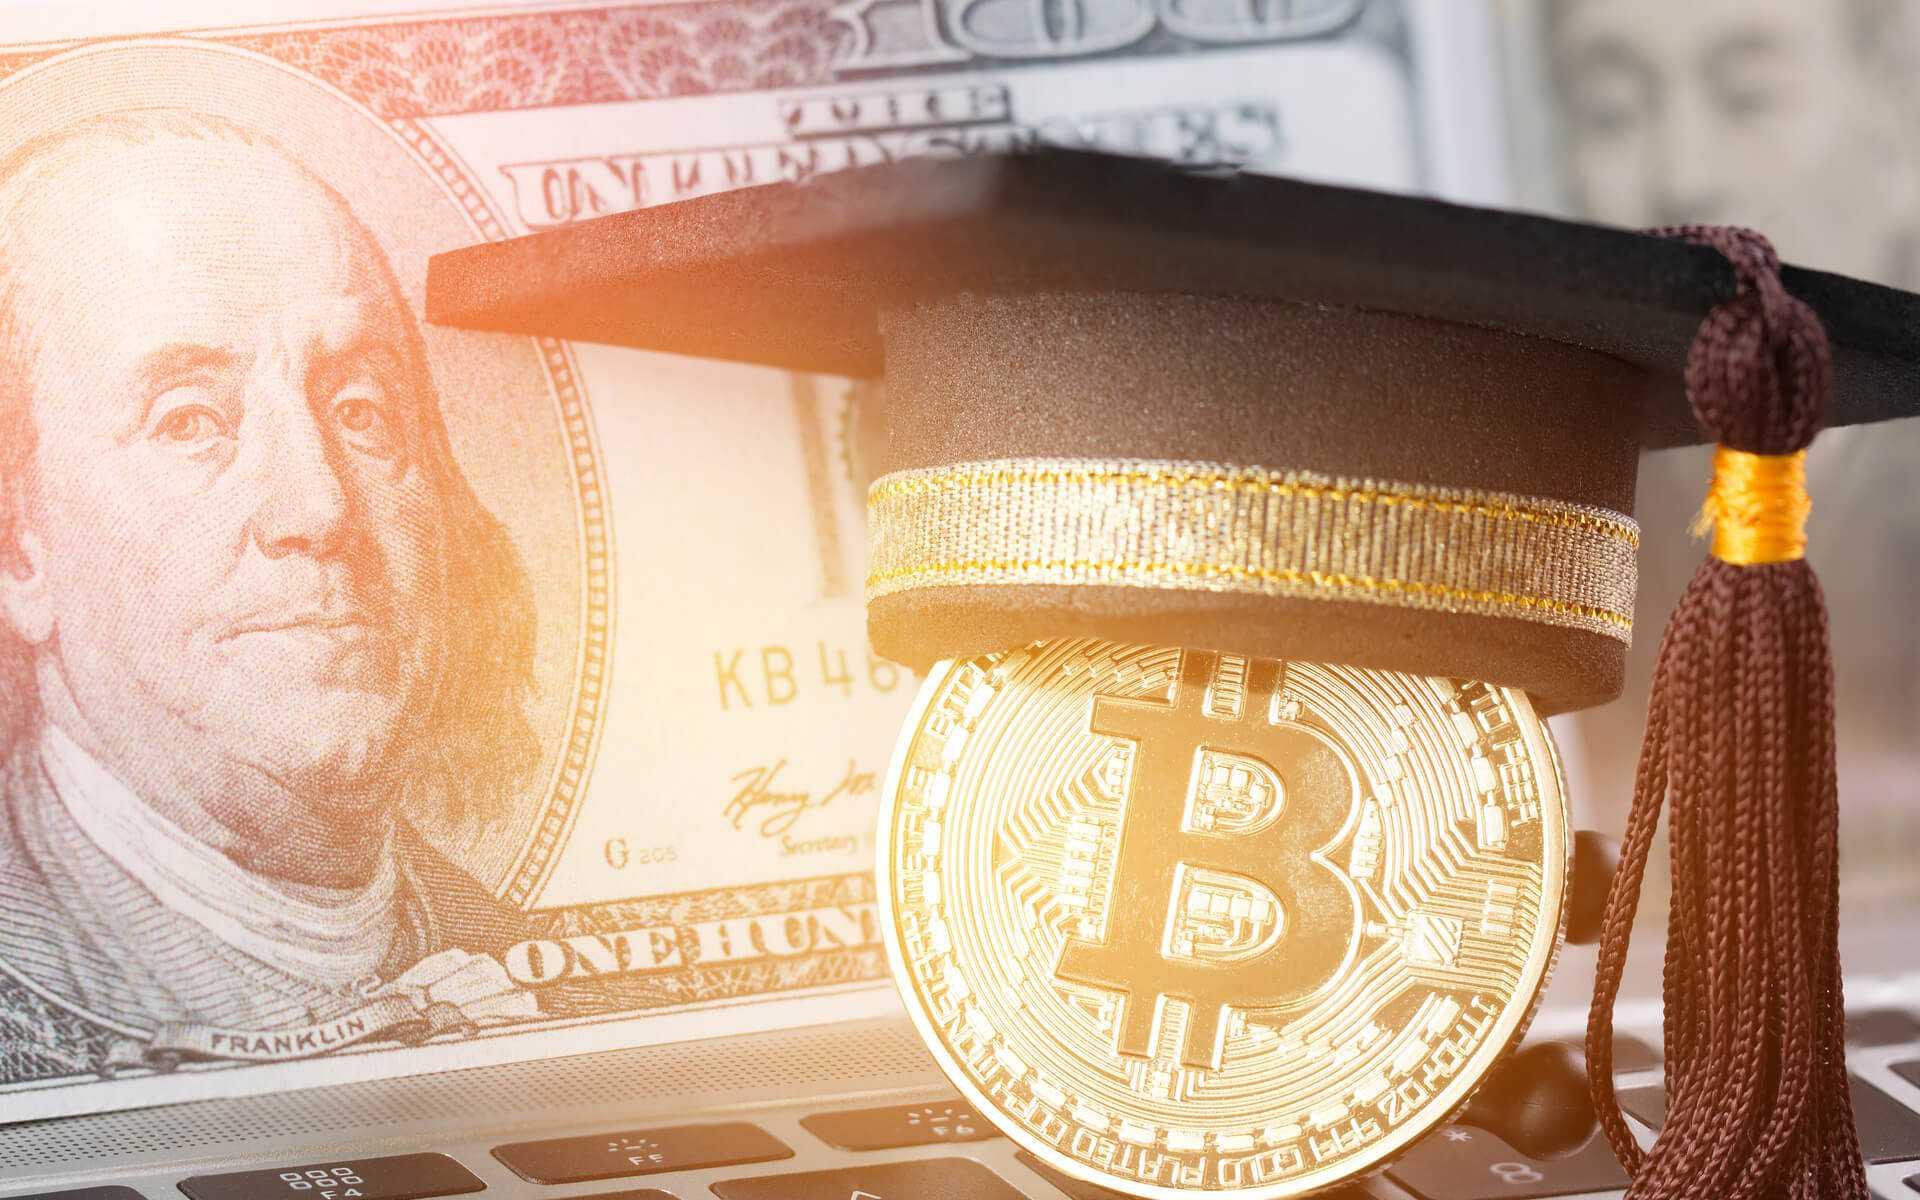 Romanya'da Üniversiteye Giriş Ücretleri Kripto Para İle Ödenebilecek